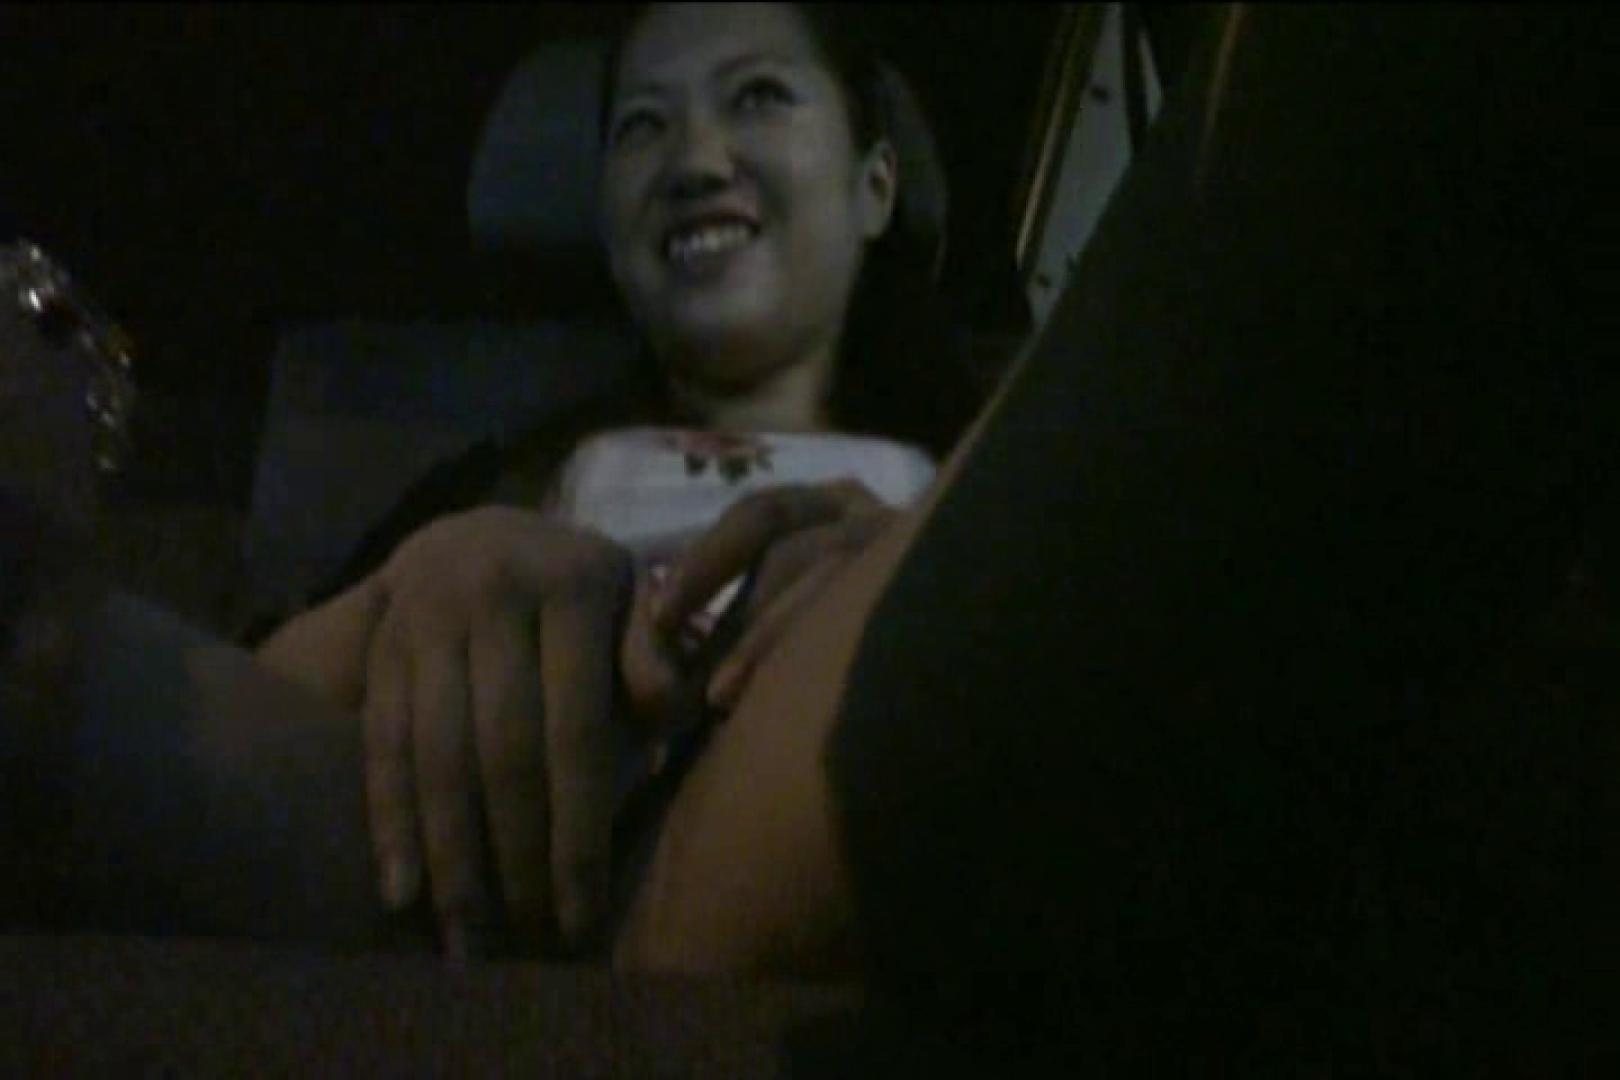 車内で初めまして! vol01 投稿 | ハプニング映像  102PIX 85